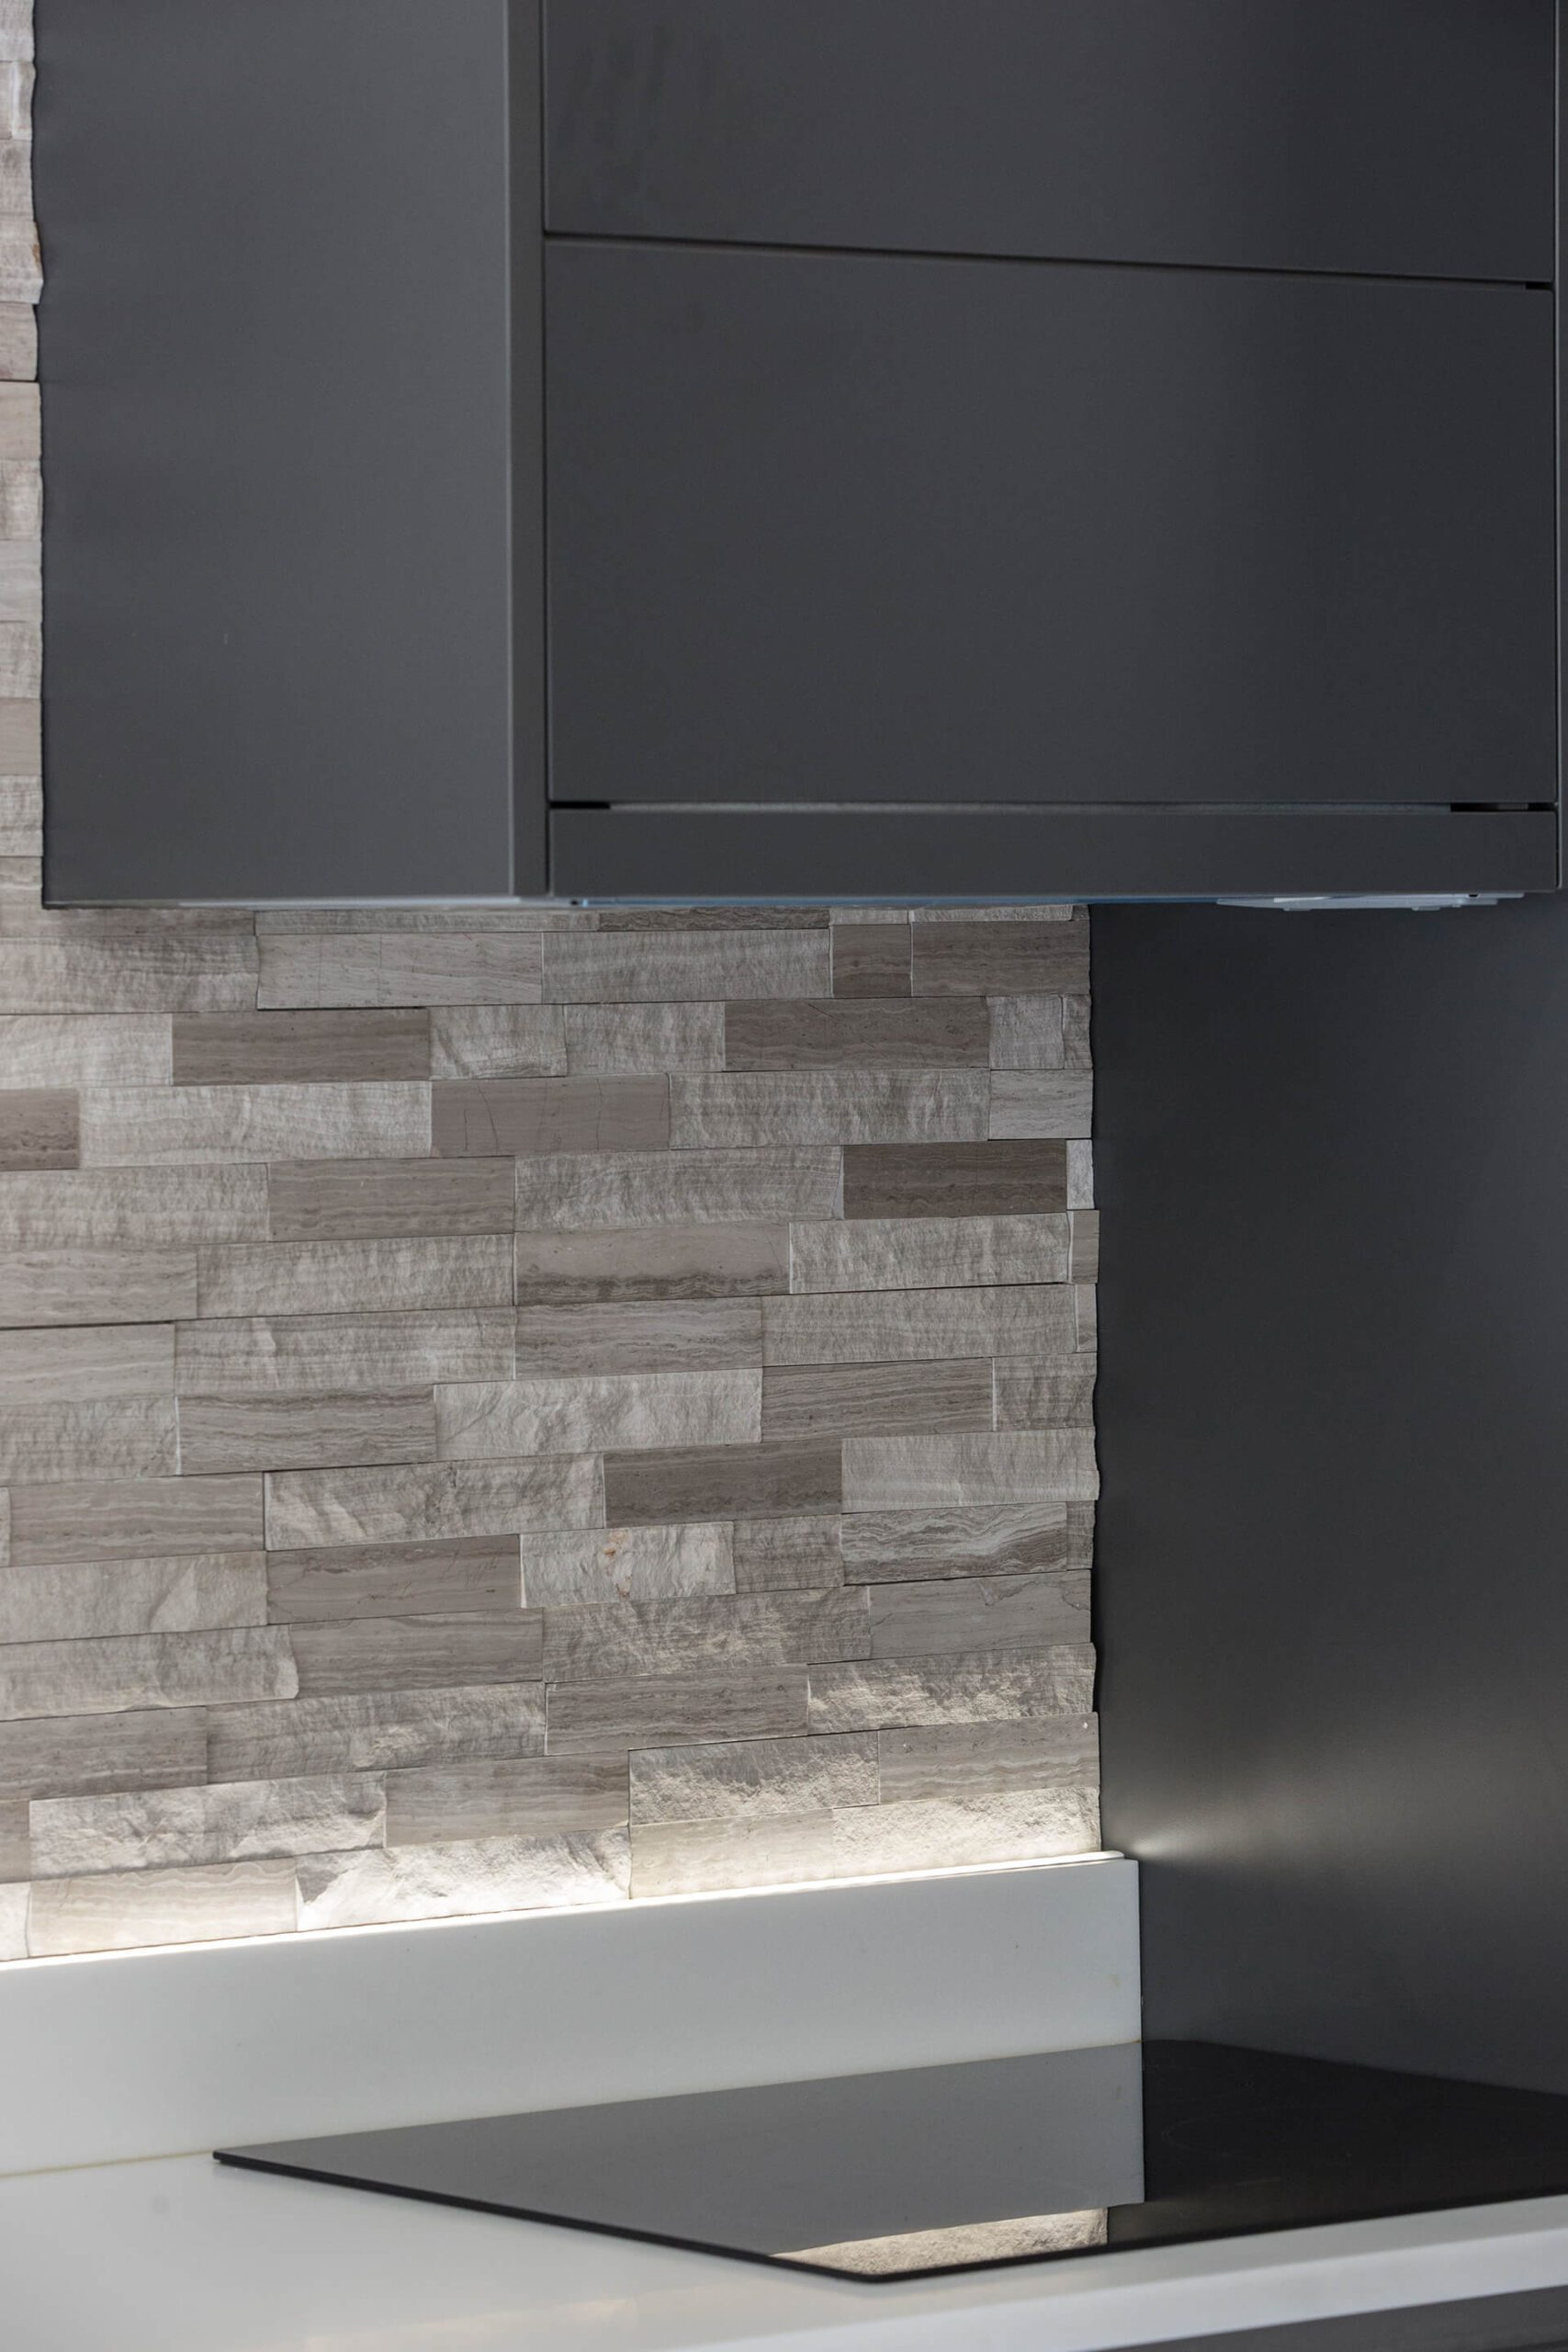 pormenor cozinha preta com retroiluminação